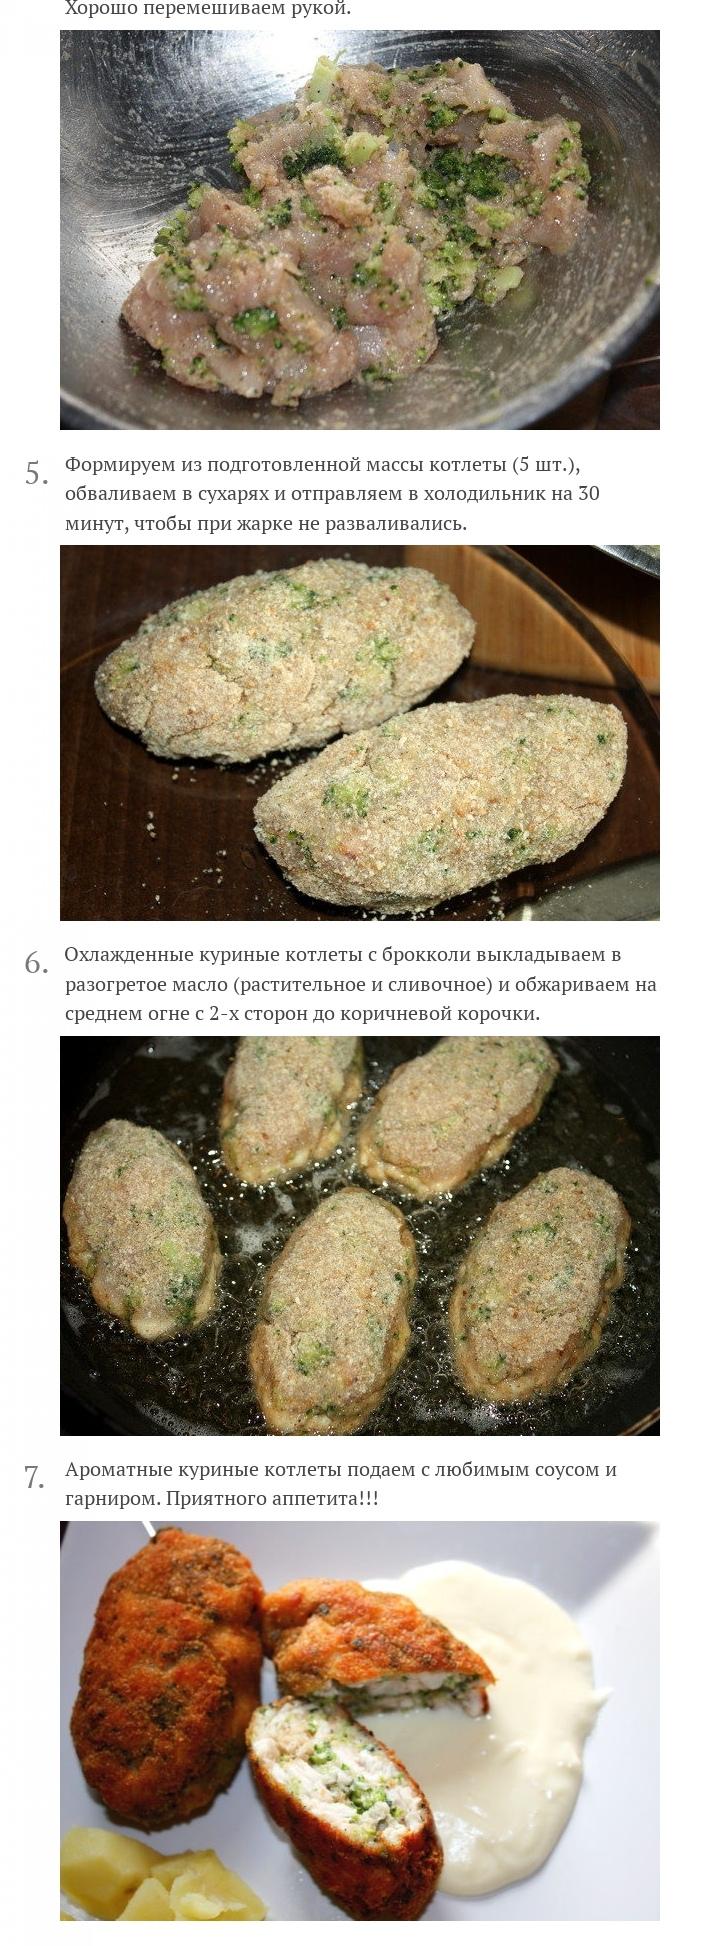 Рубленые куриные котлеты с брокколи, изображение №3